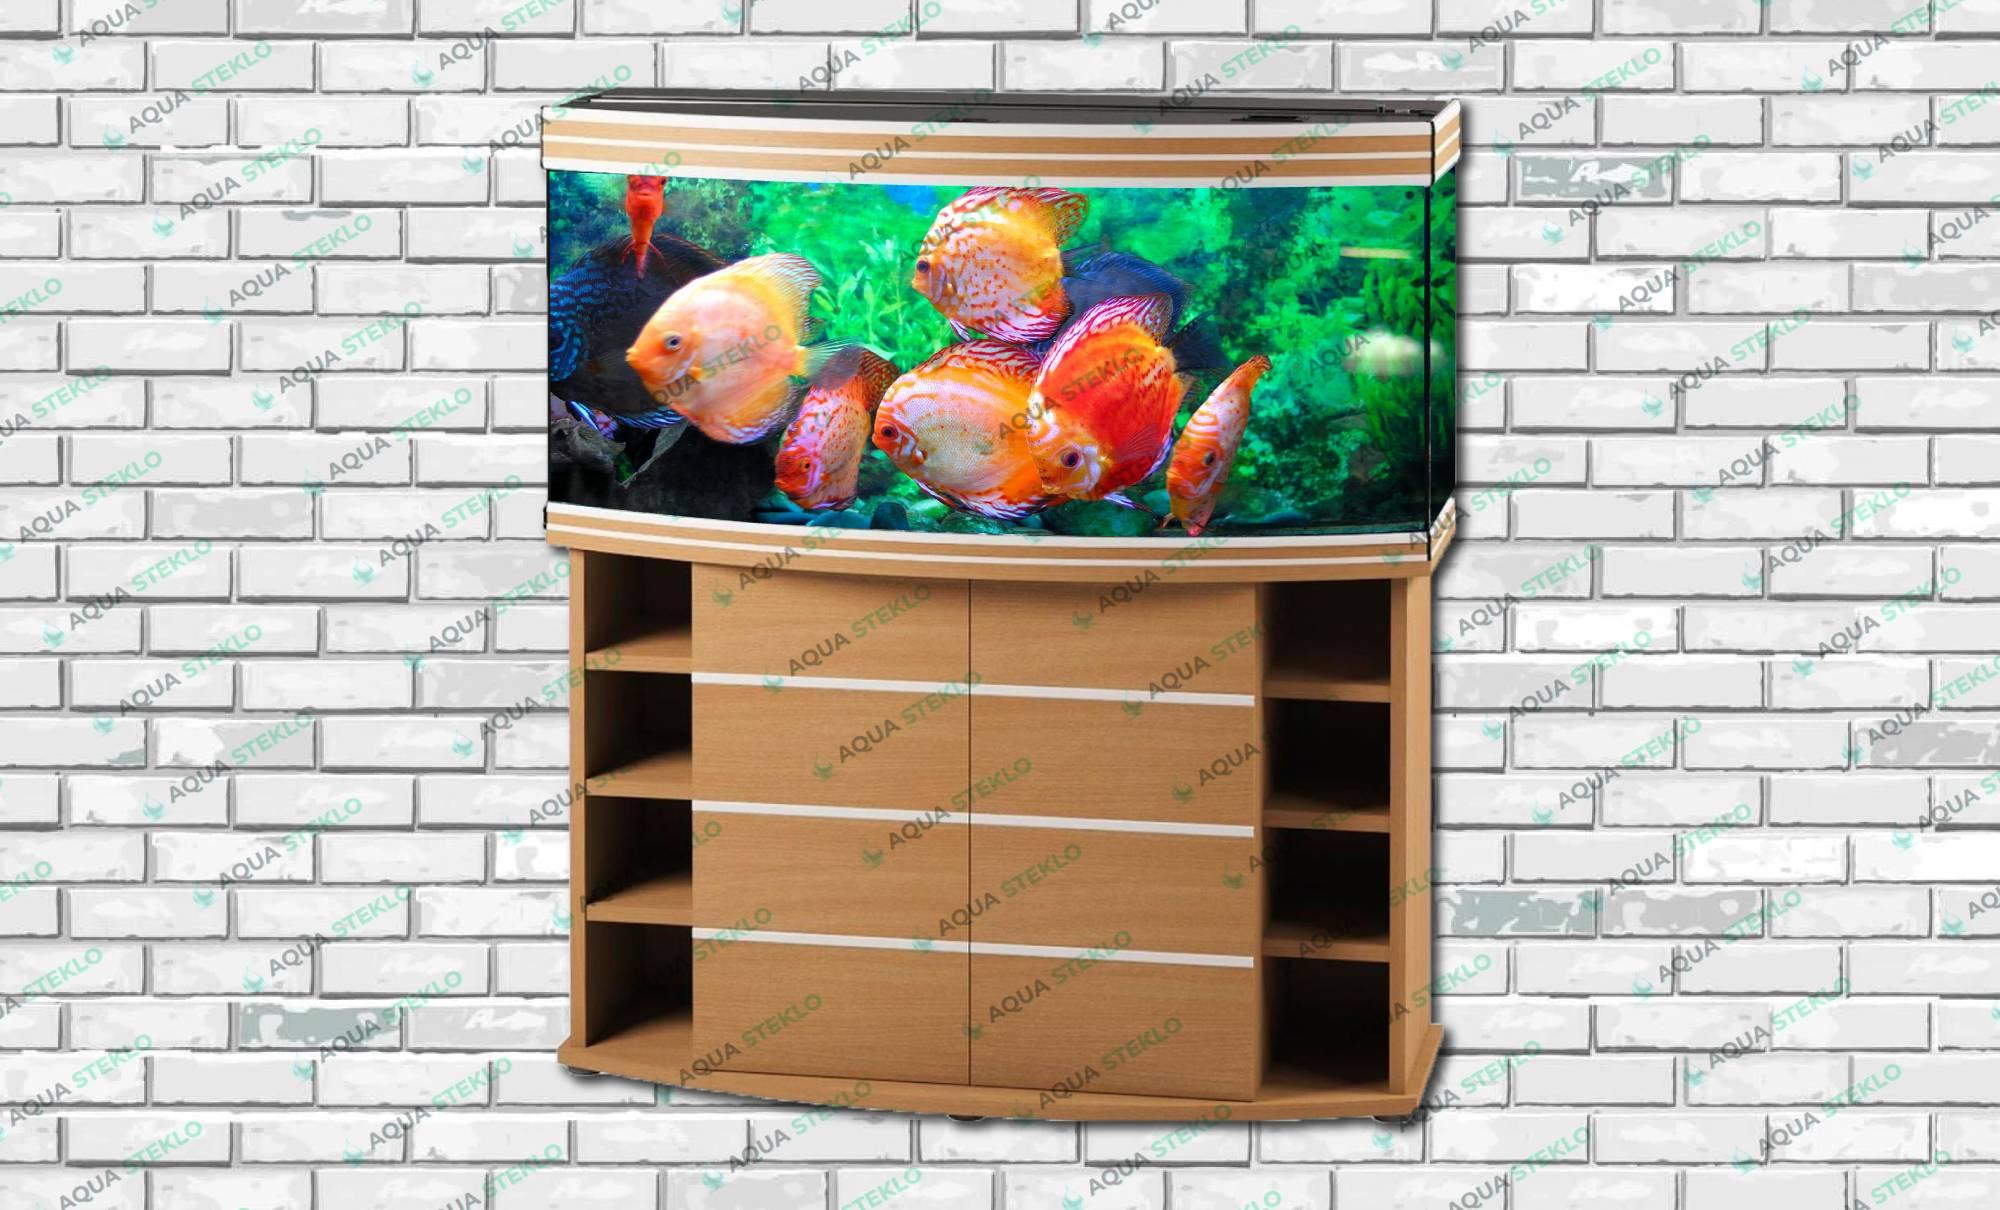 Нужен ли мне дизайнер при заказе аквариума?